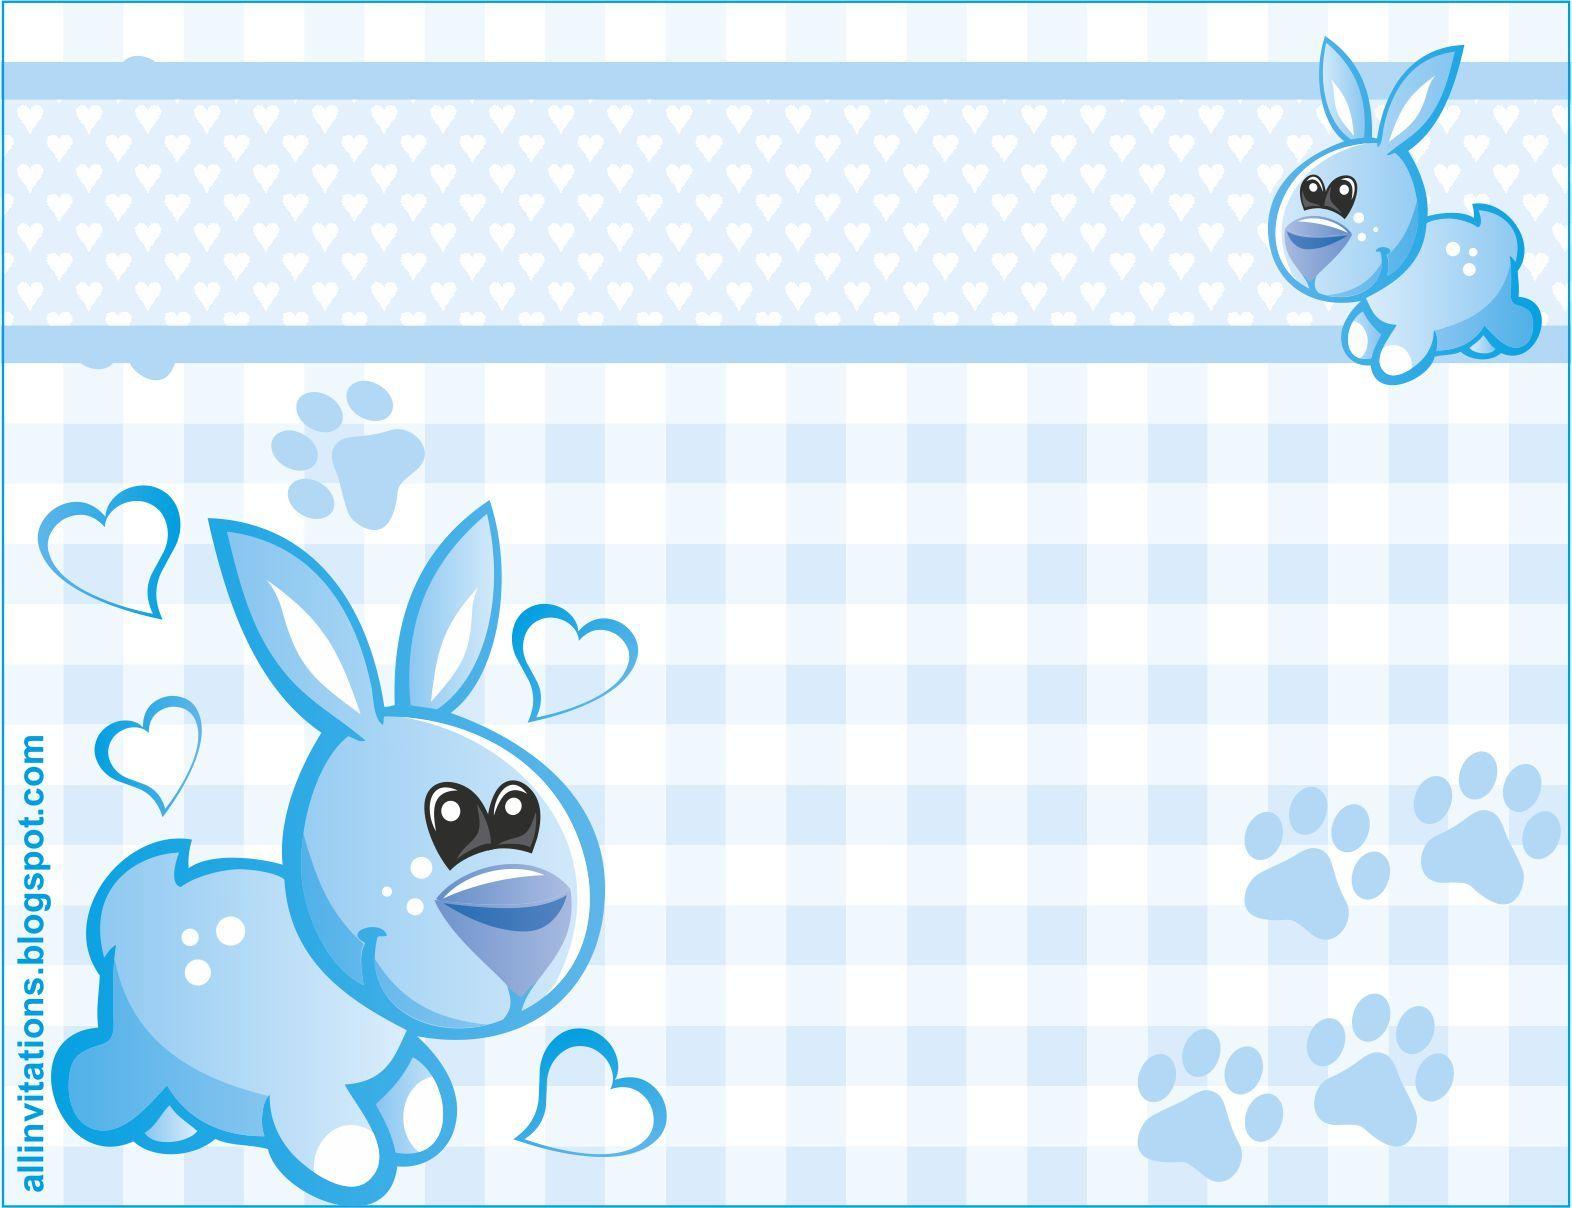 Invitaciones Baby Shower Niño ~ Invitacion baby shower conejito nino g �